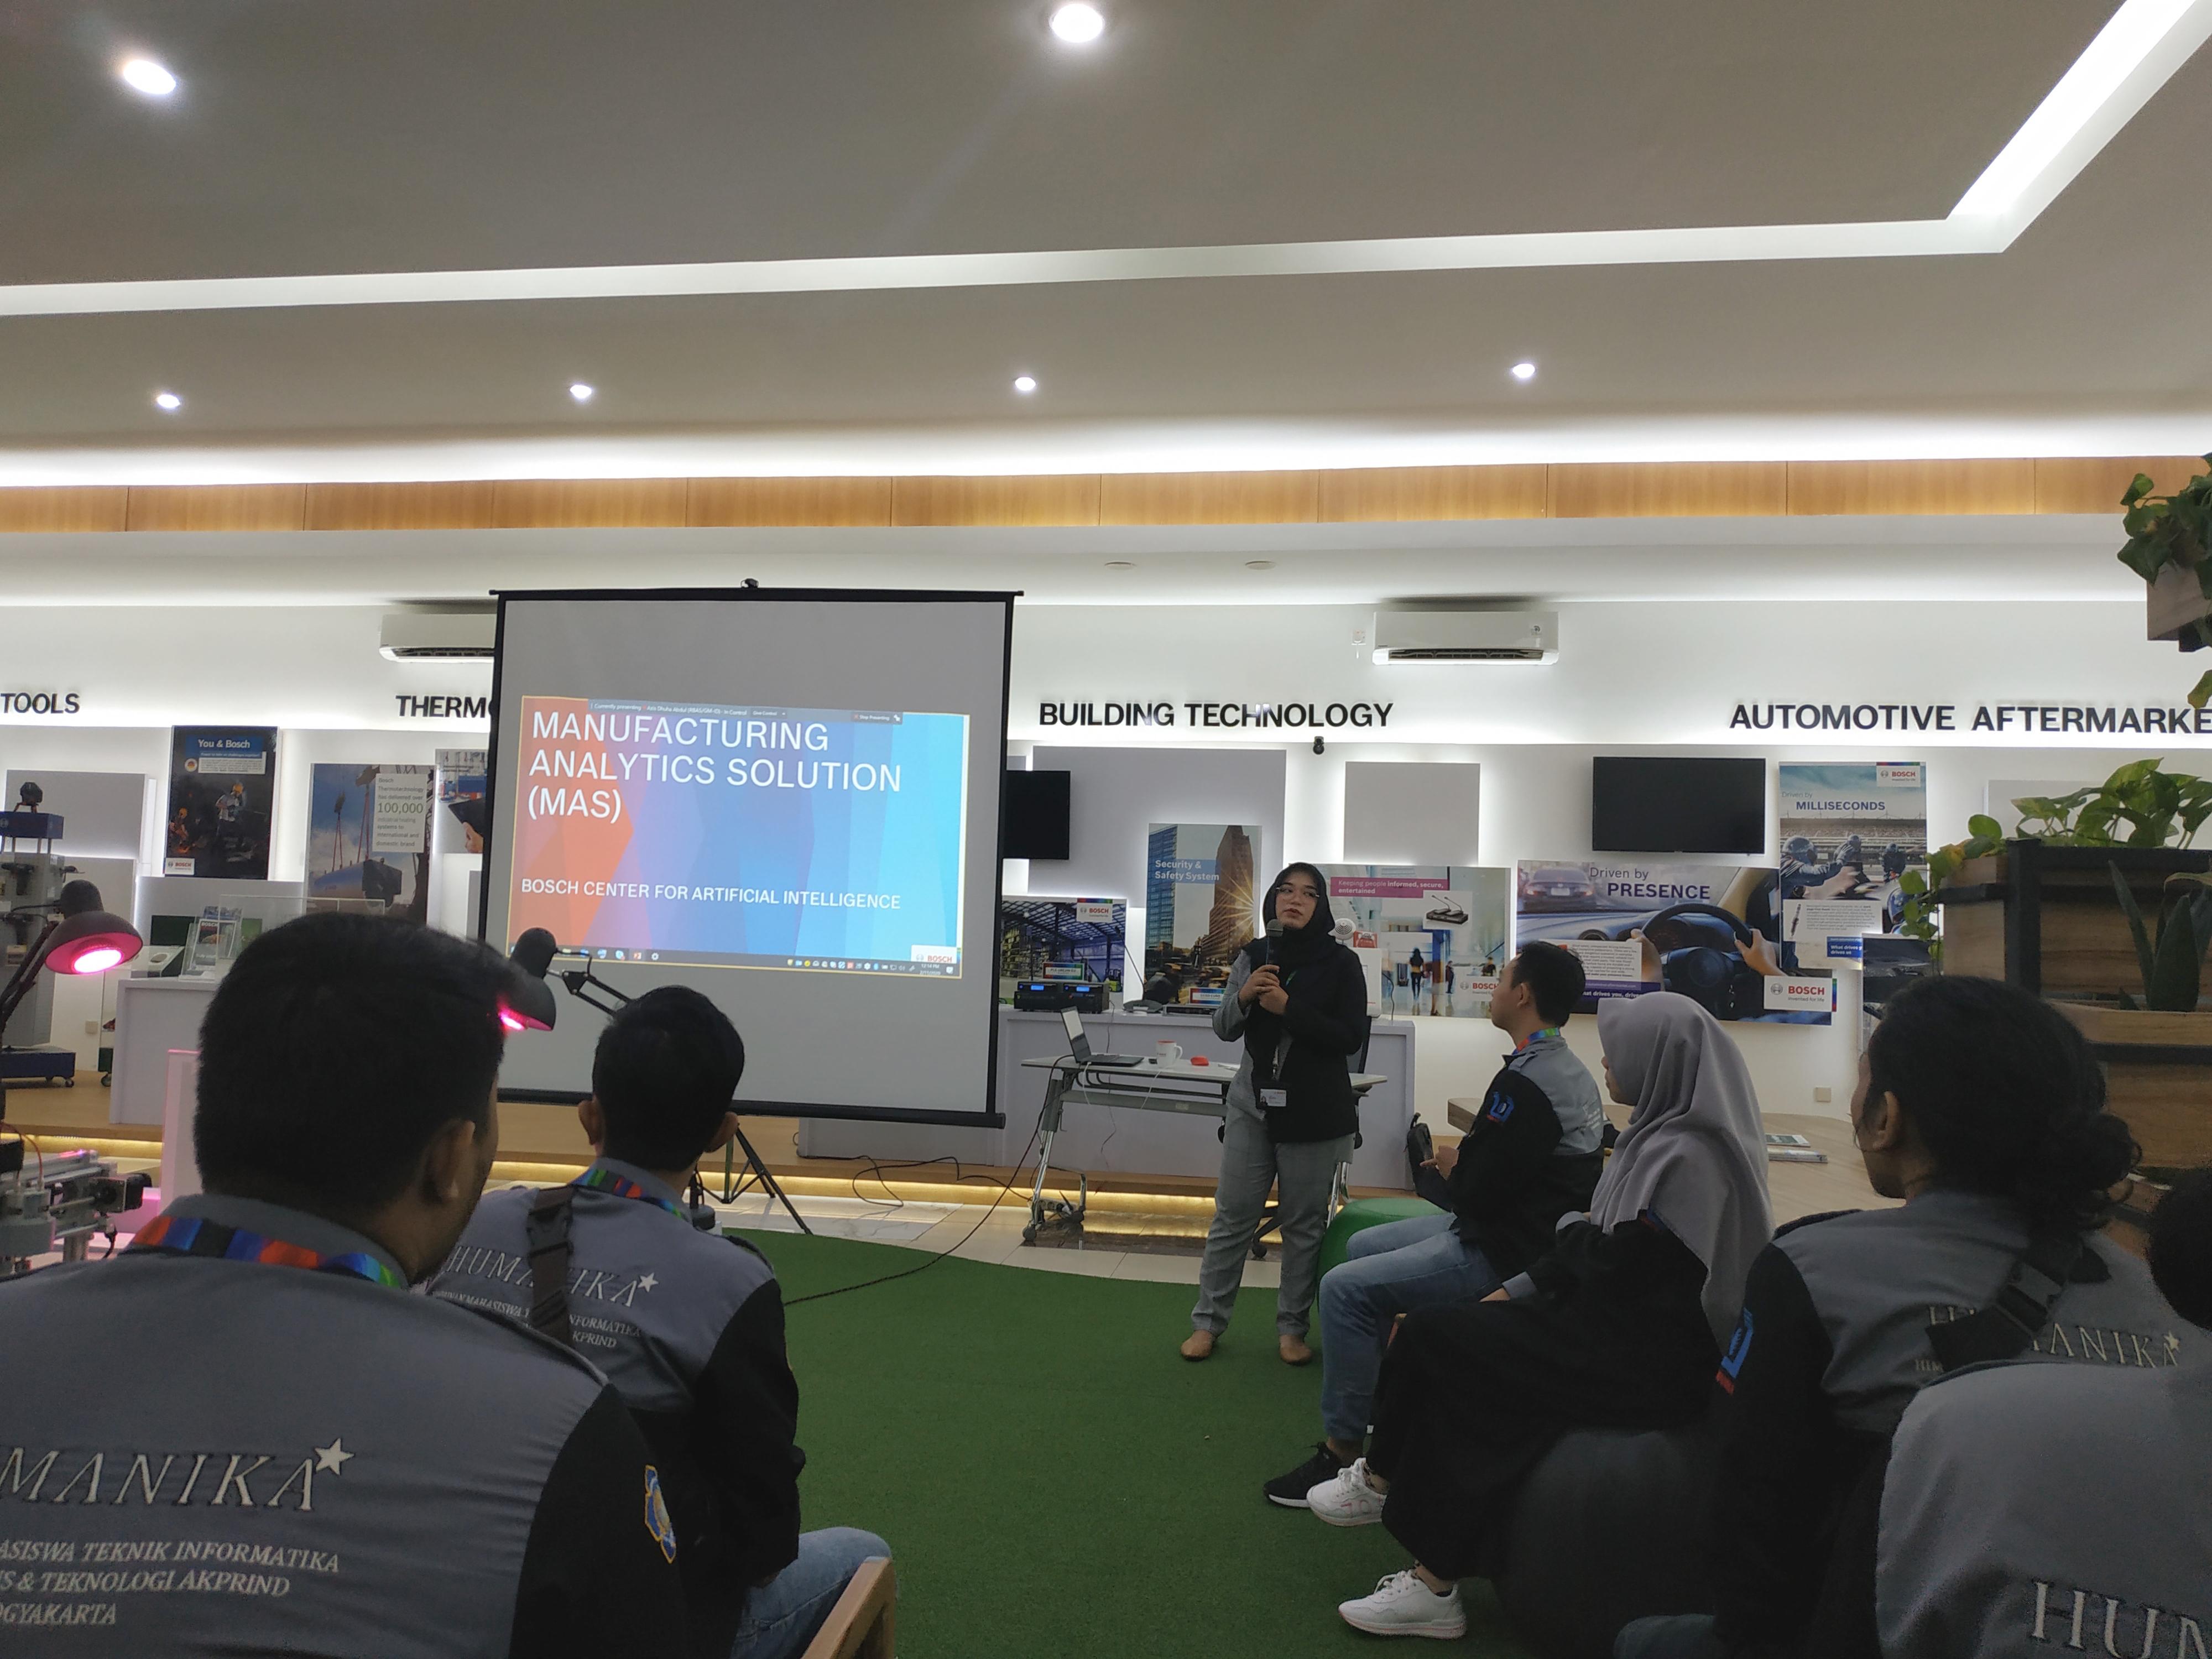 Kunjungan Studi Ekskursi ke PT. Robert Bosch, Surabaya – Studi Ekskursi Part 2